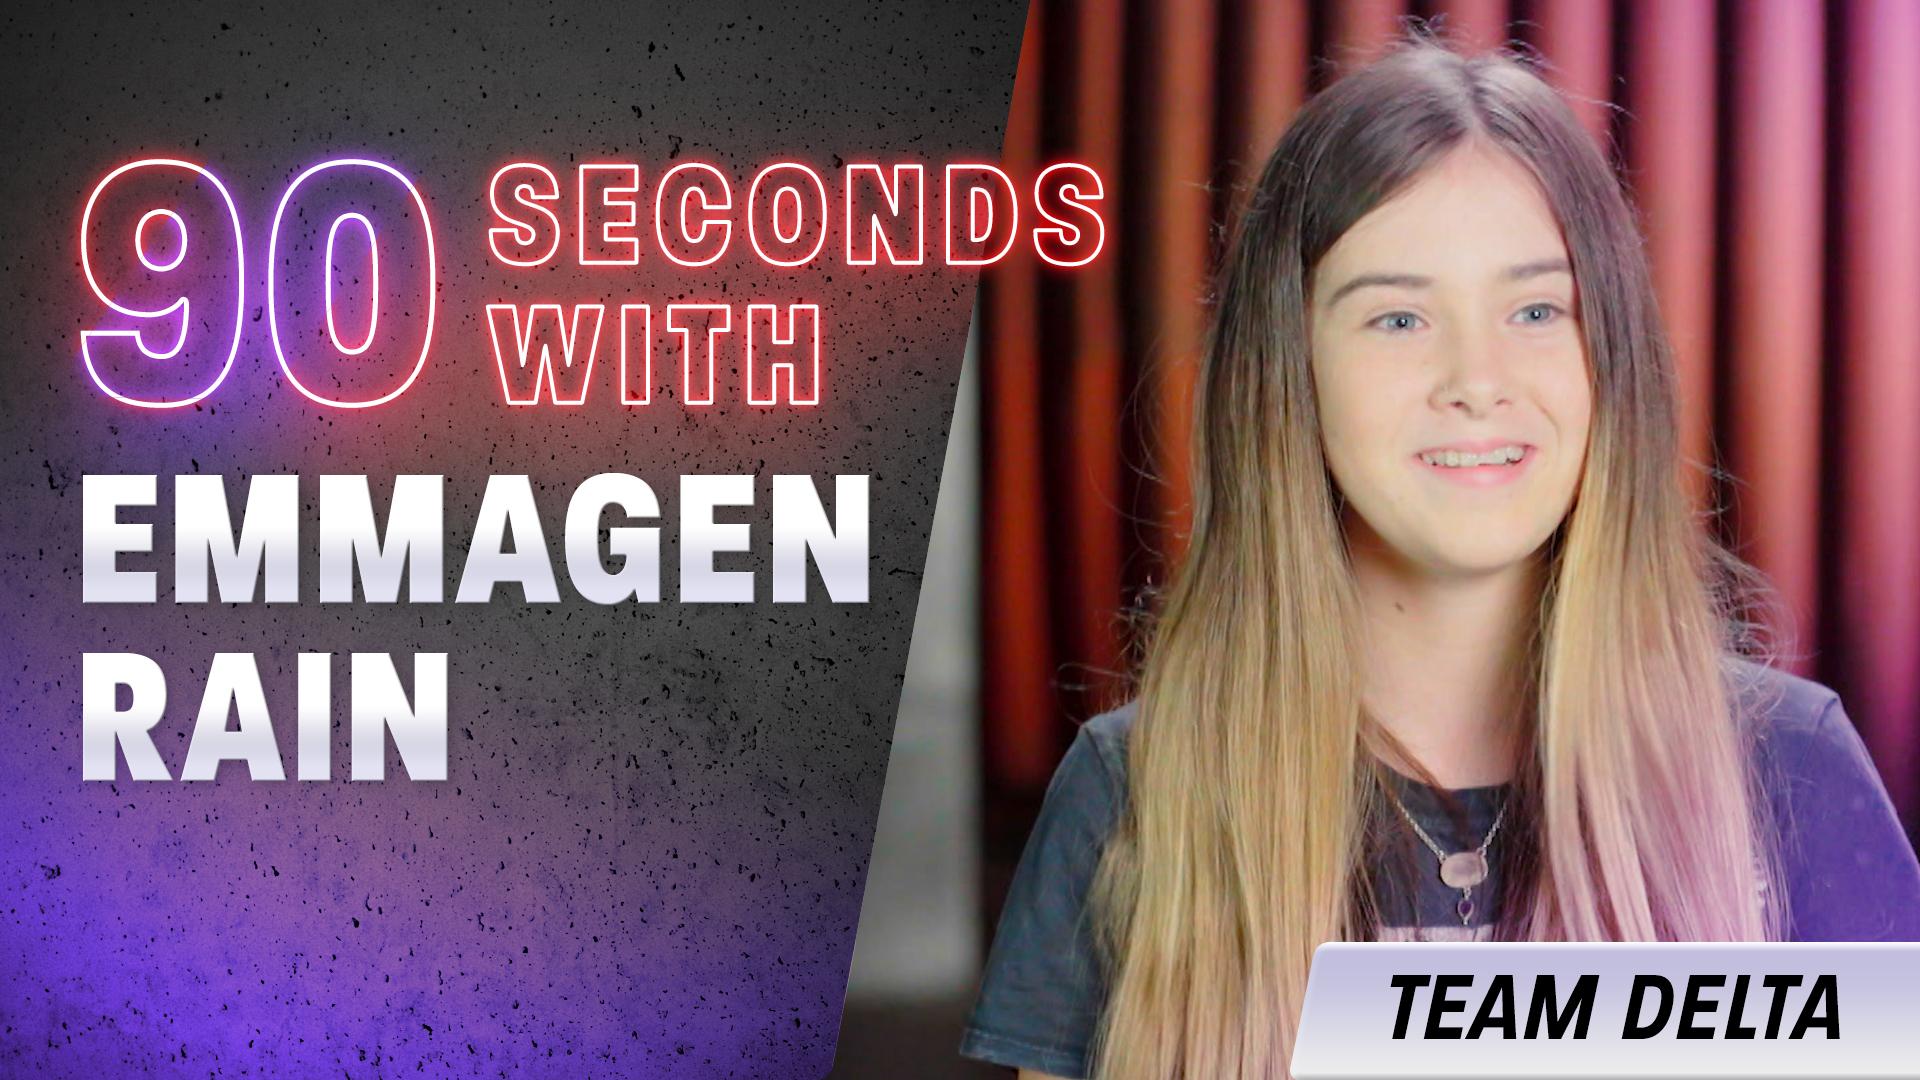 90 Seconds with Emmagen Rain